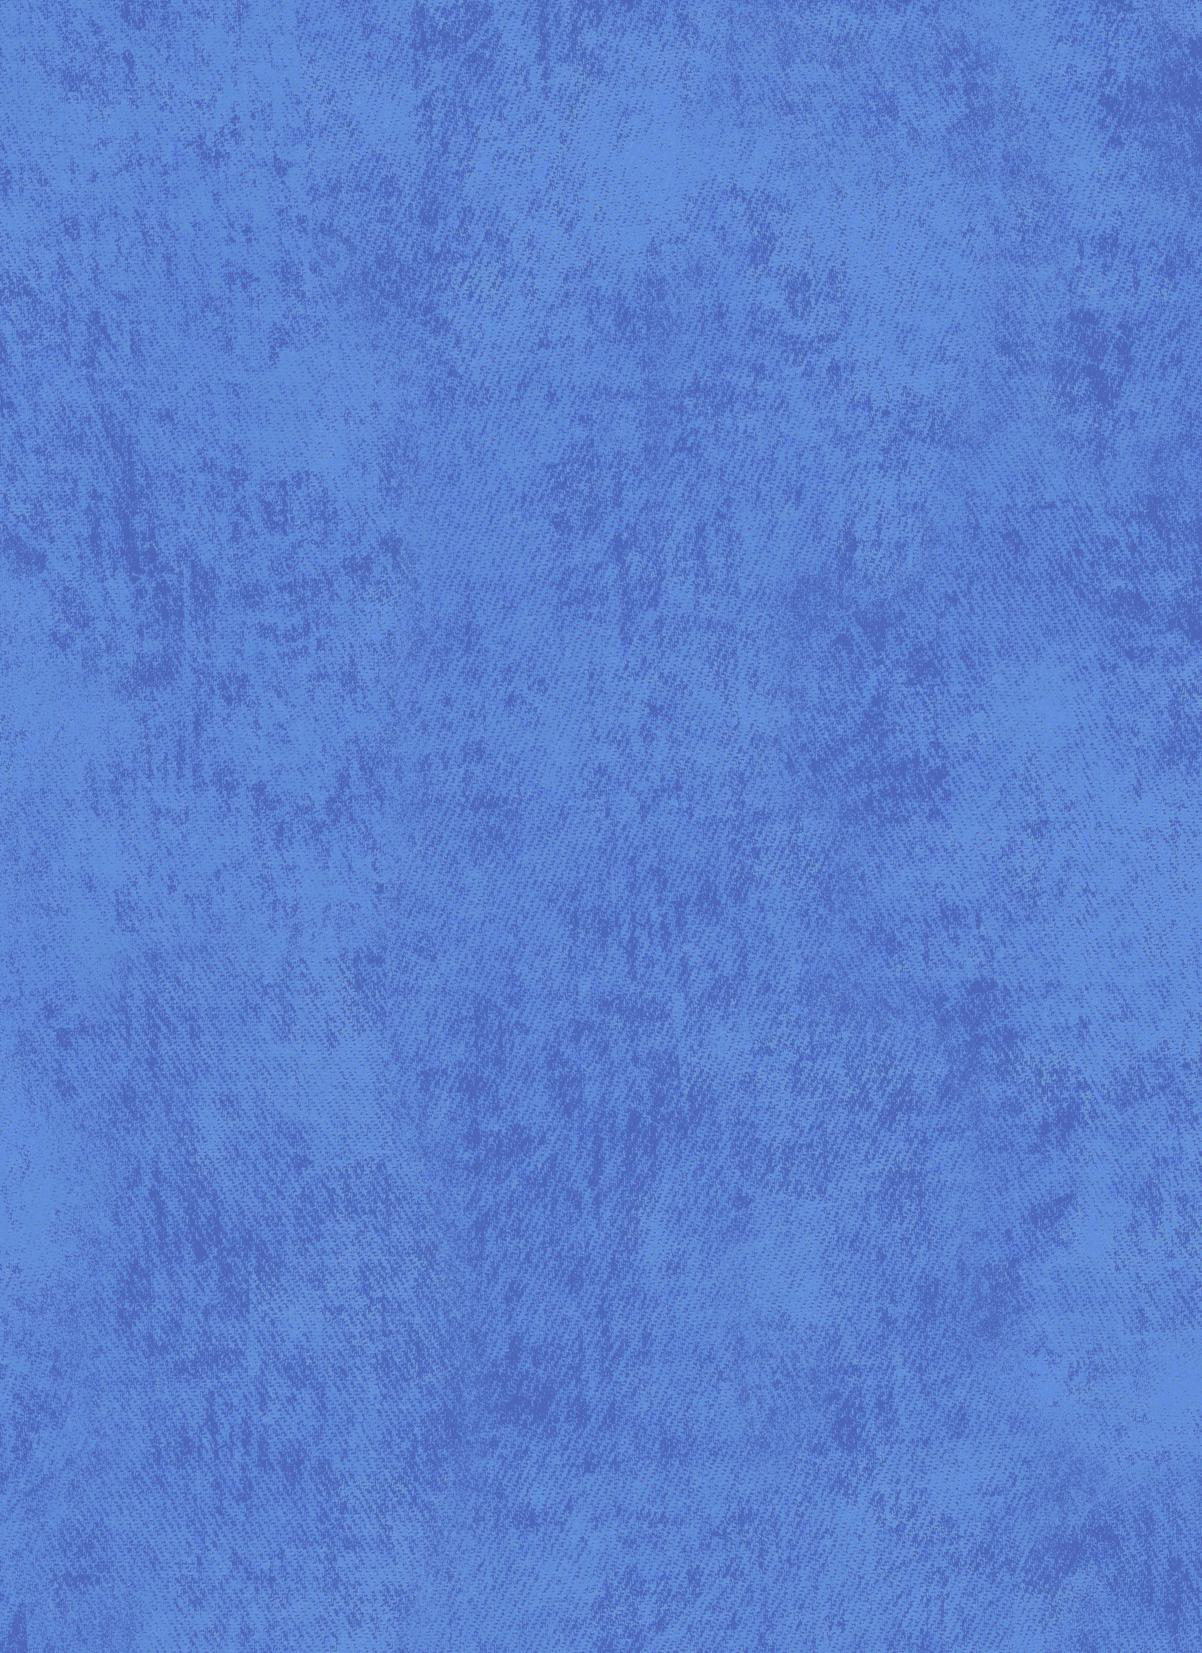 3212-037 Denim - Lapis Fabric